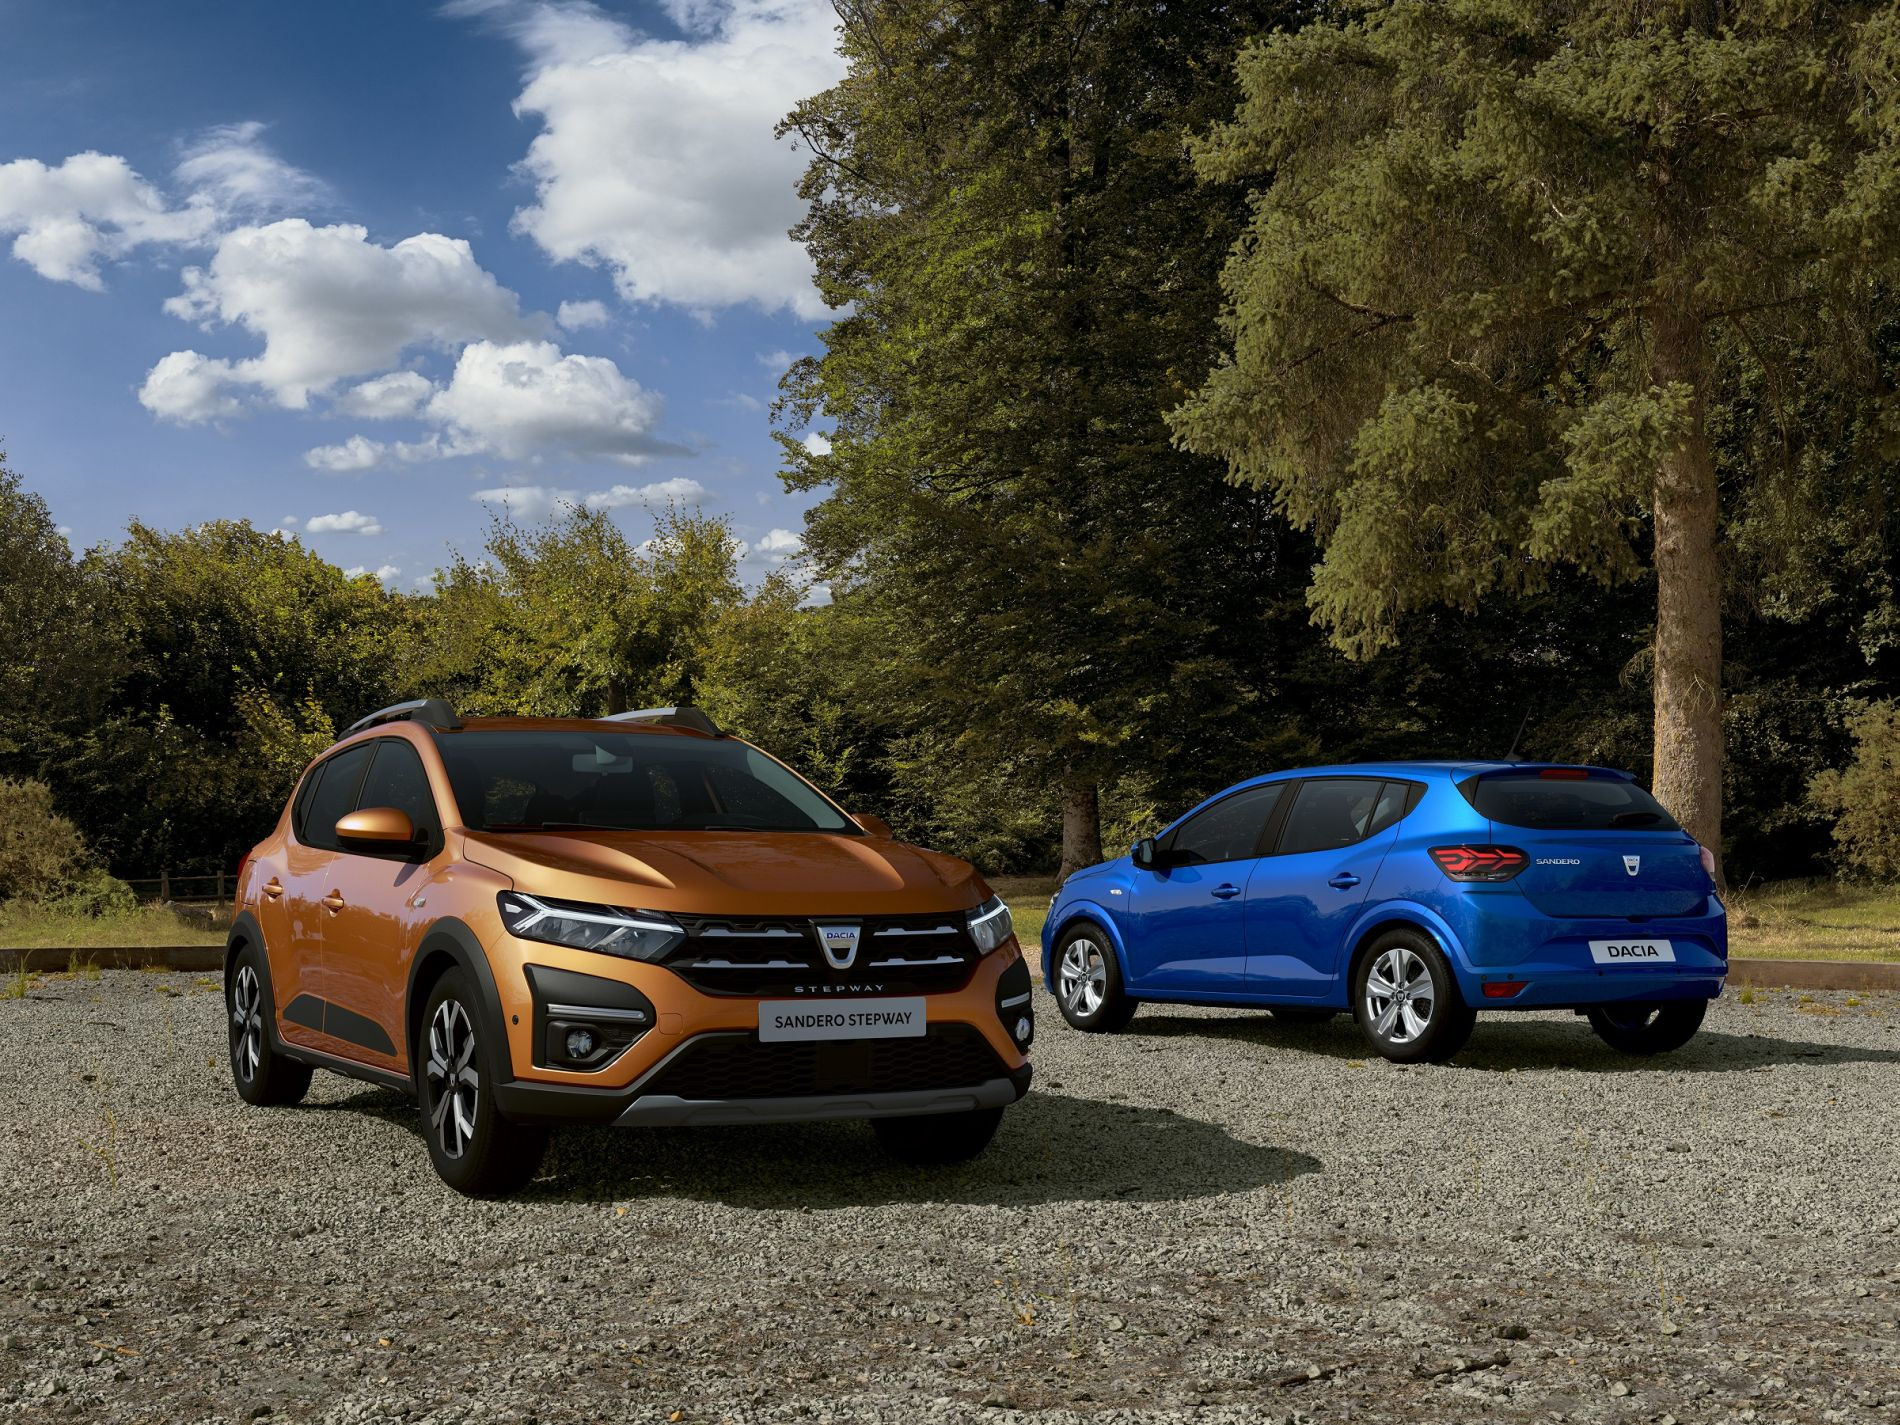 Primele imagini oficiale cu noile modele Dacia Logan, Sandero și Sandero Stepway